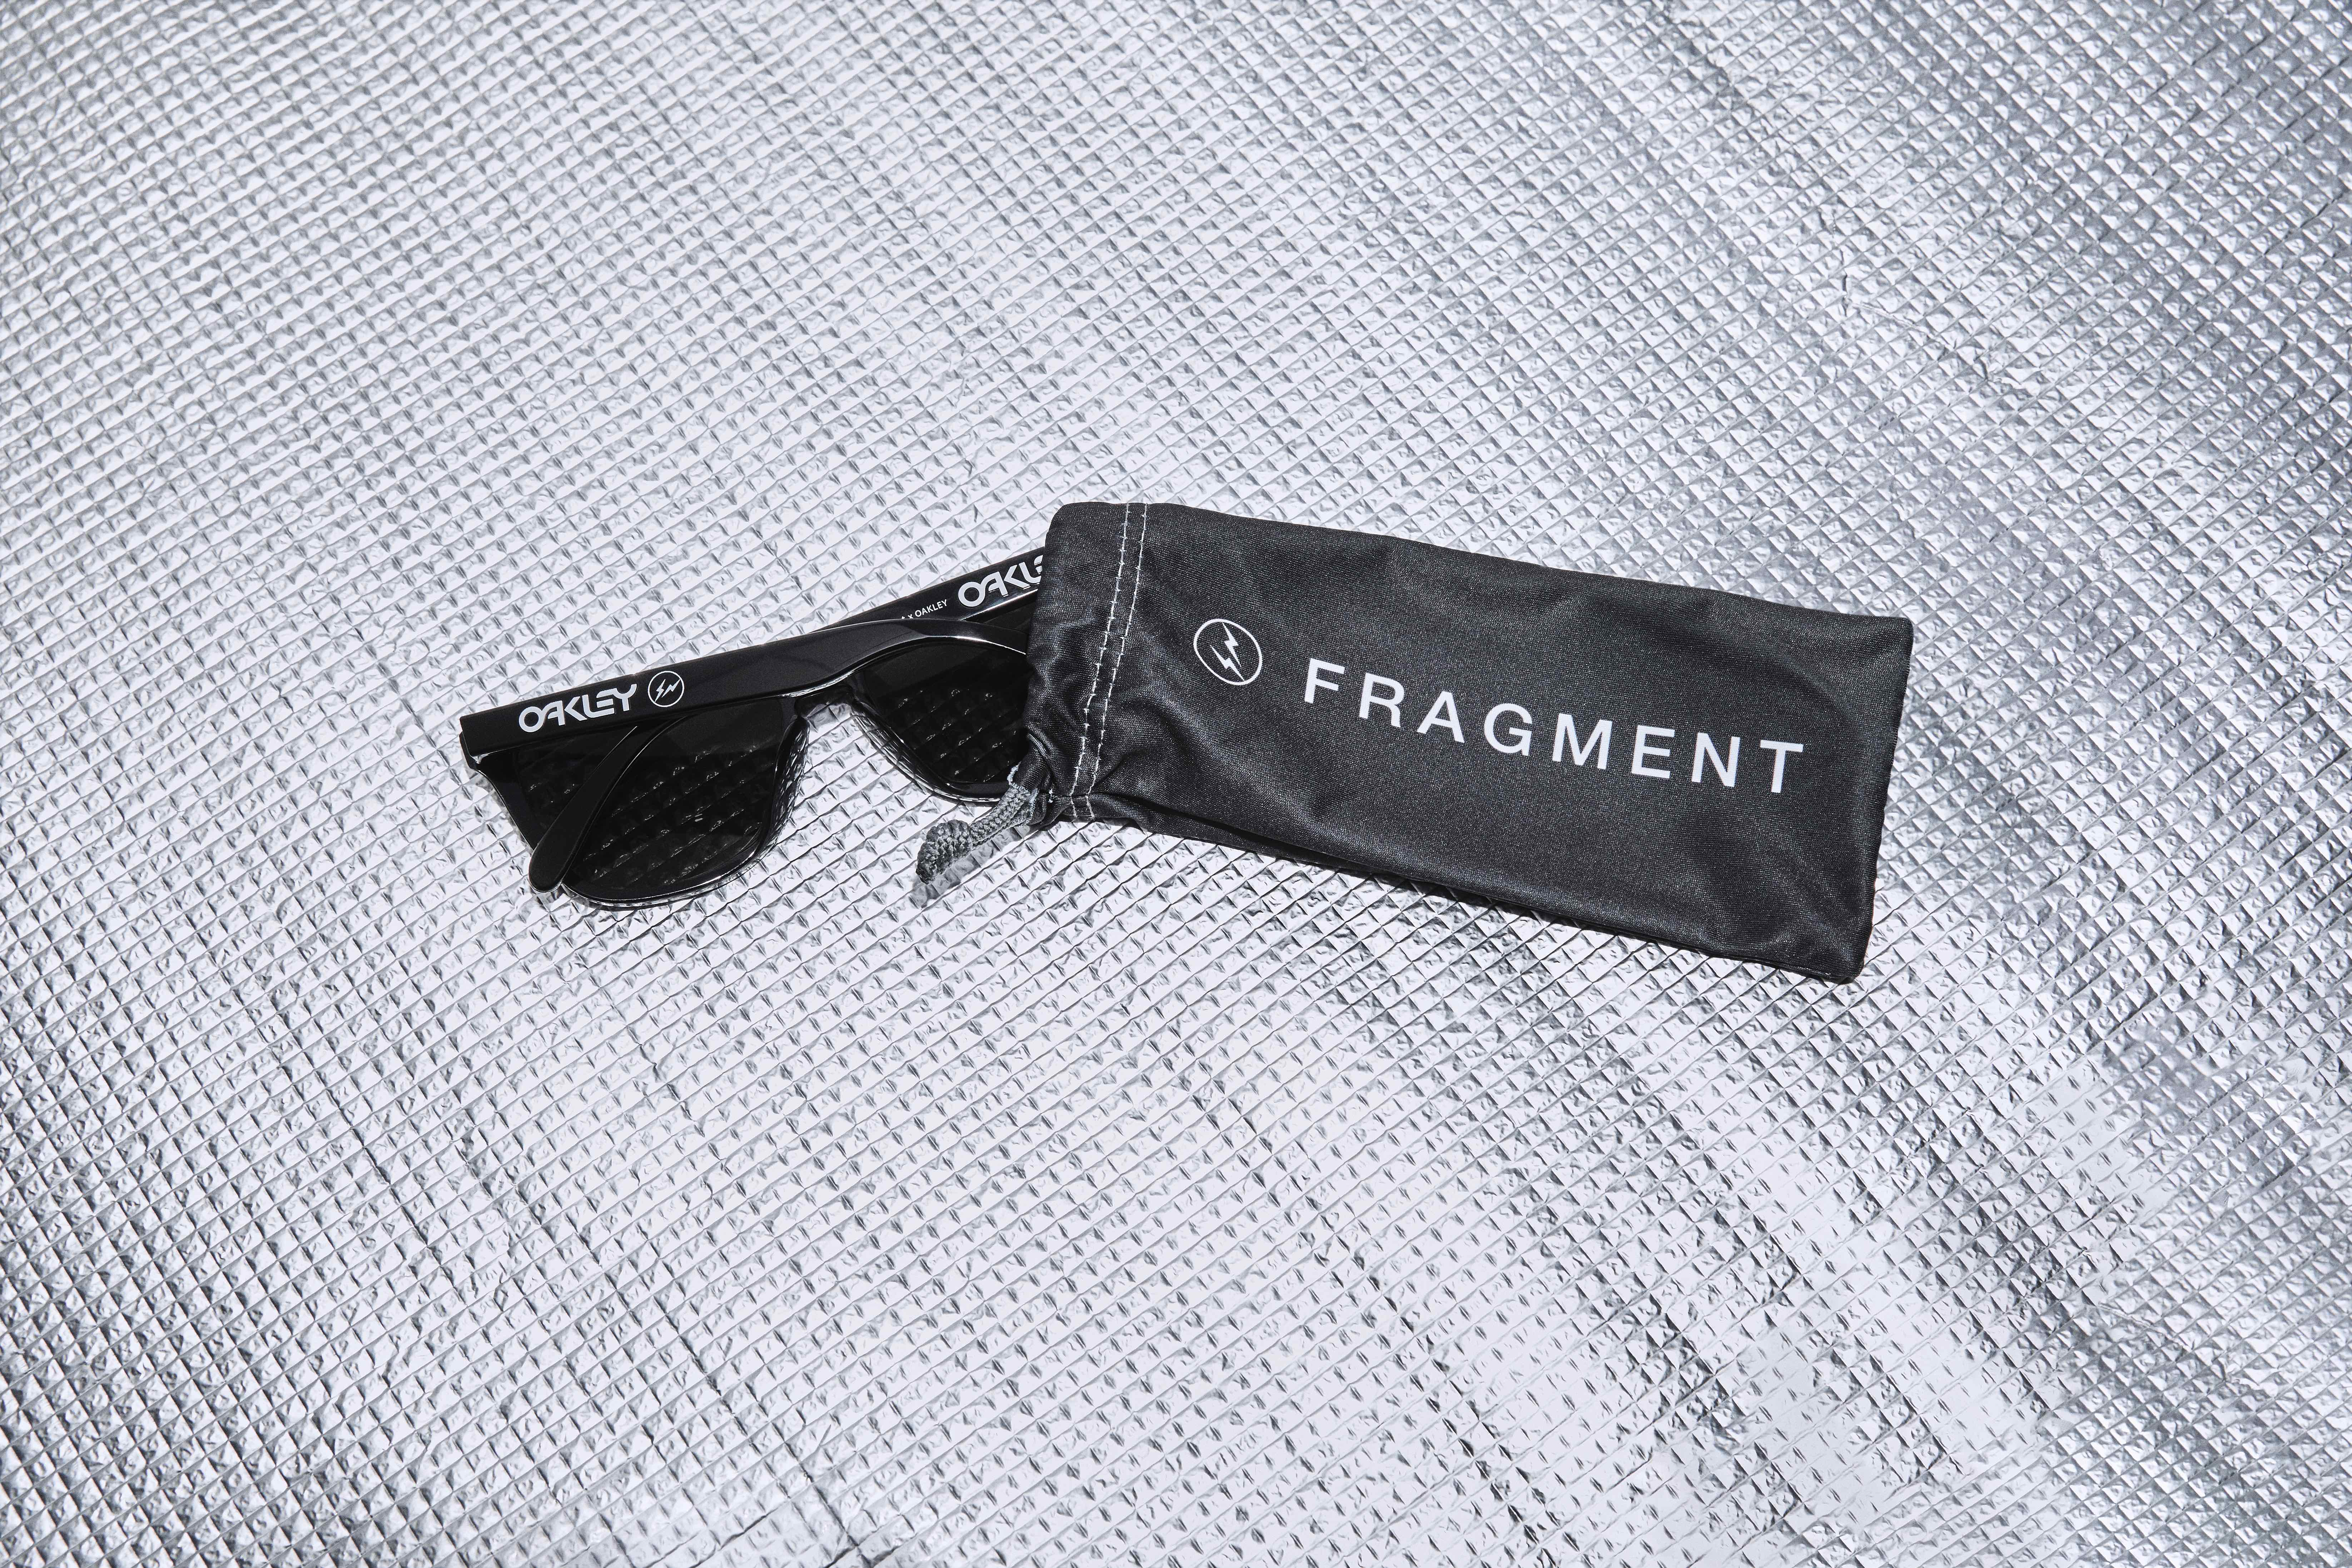 Oakley Fragment20201027_02